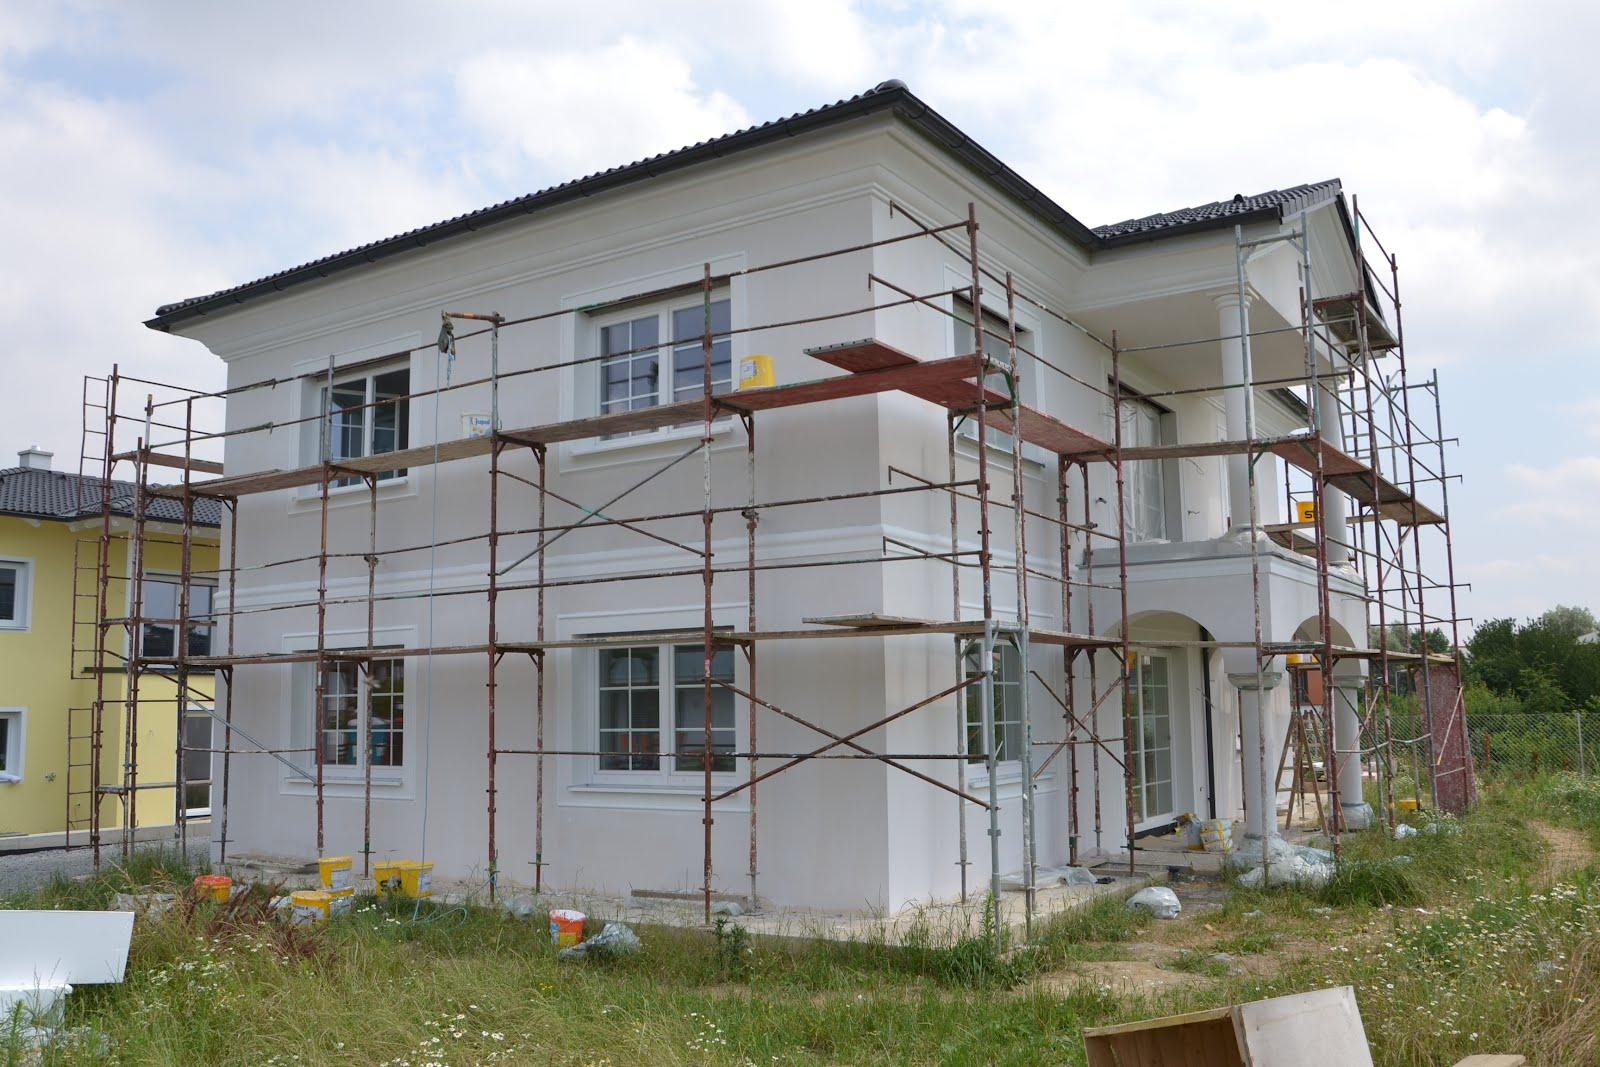 armin sarah bauen ein haus was gibt es neues das n bauerhaus sen. Black Bedroom Furniture Sets. Home Design Ideas